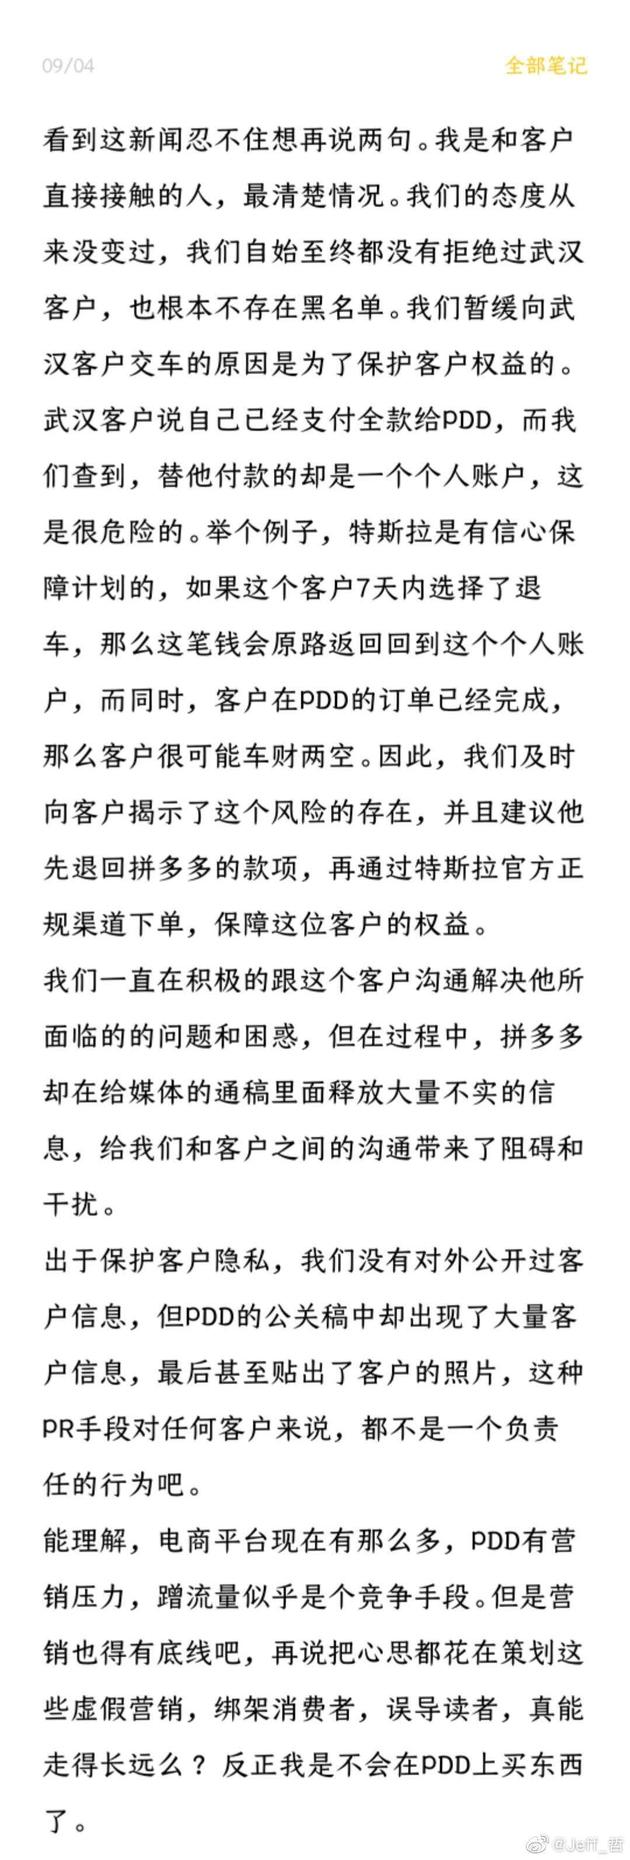 特斯拉中国员工:没有拒绝交付 只是为了保护客户权益